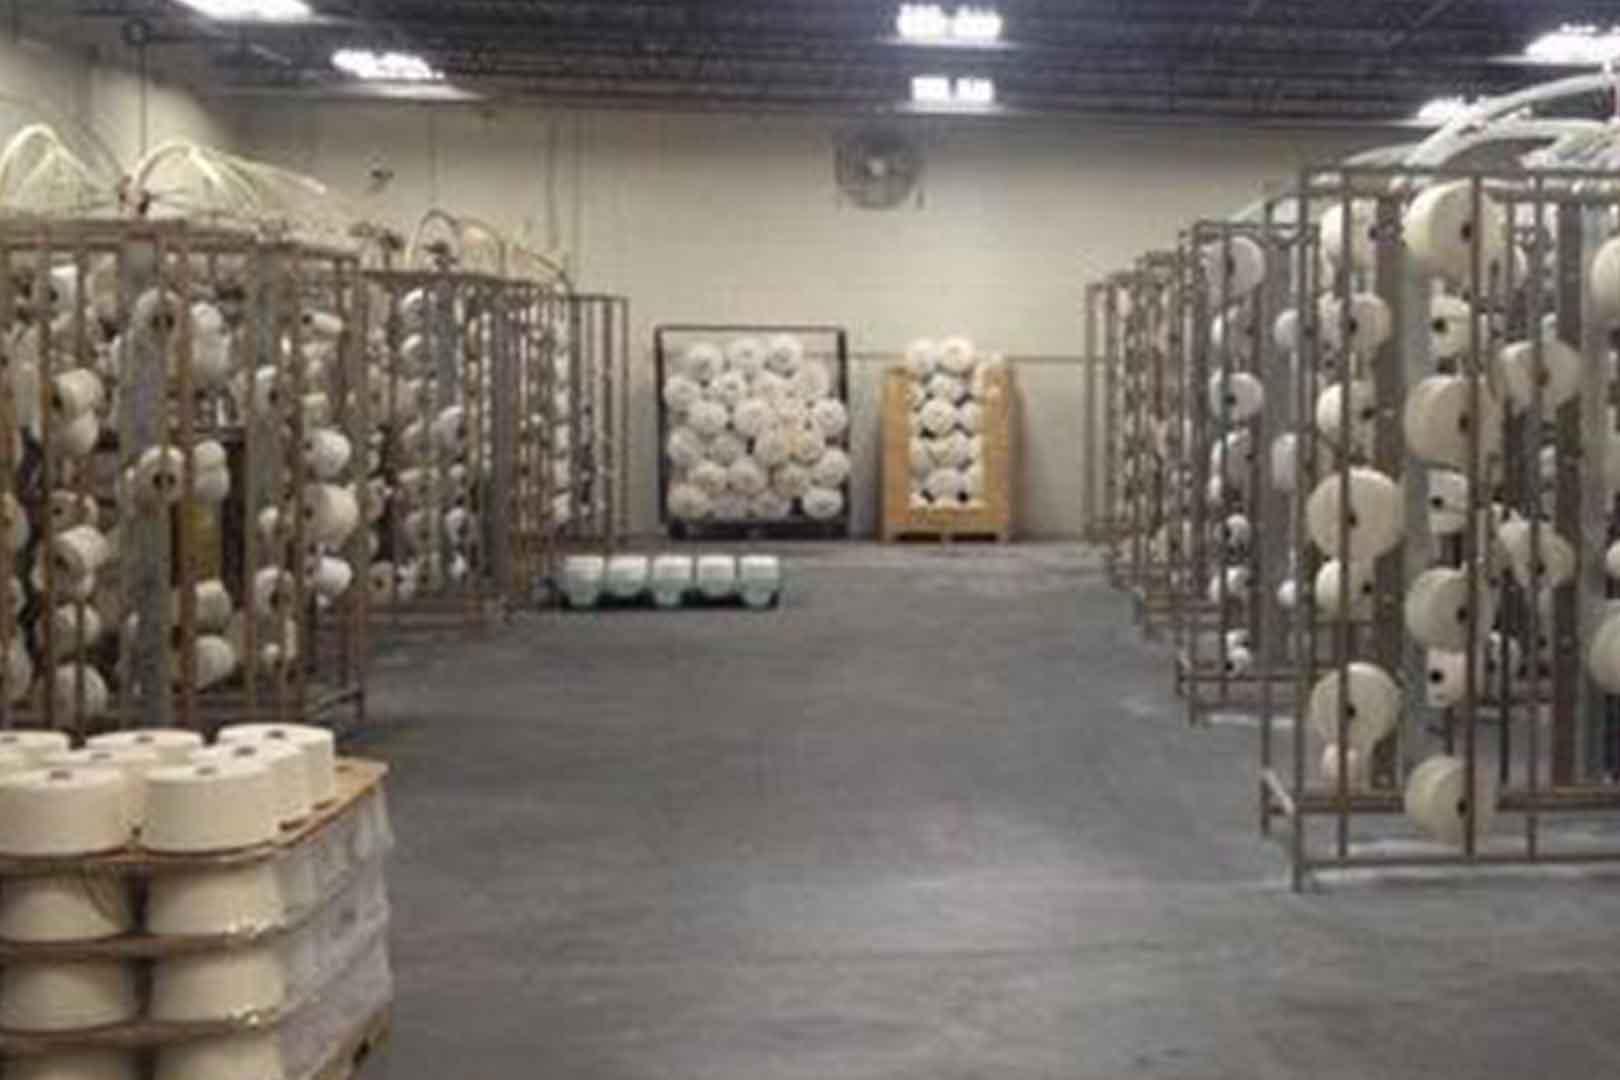 Rolls of yarn storage